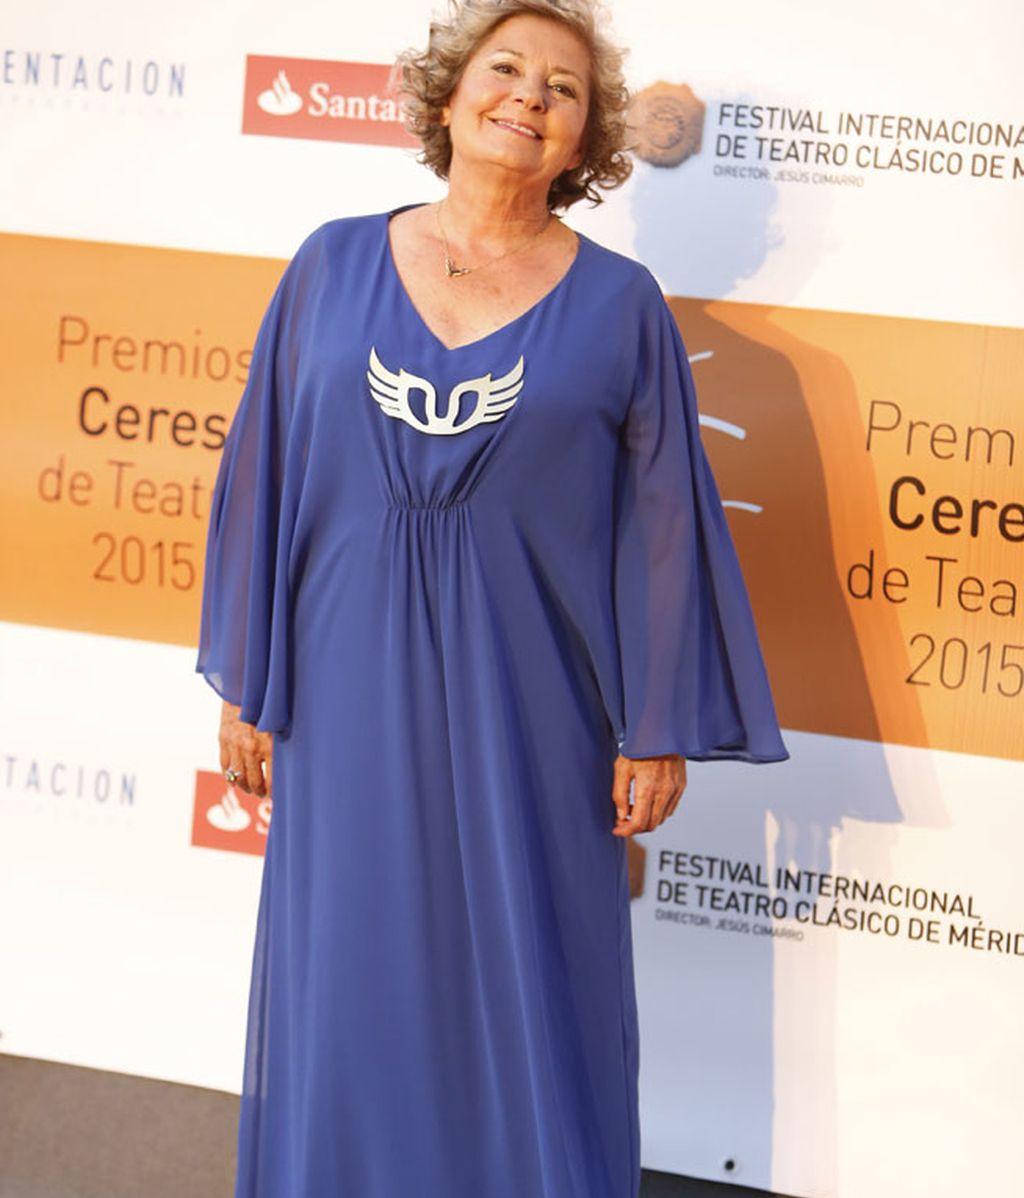 La actriz Tina Sainz, con un vaporoso vestido azul